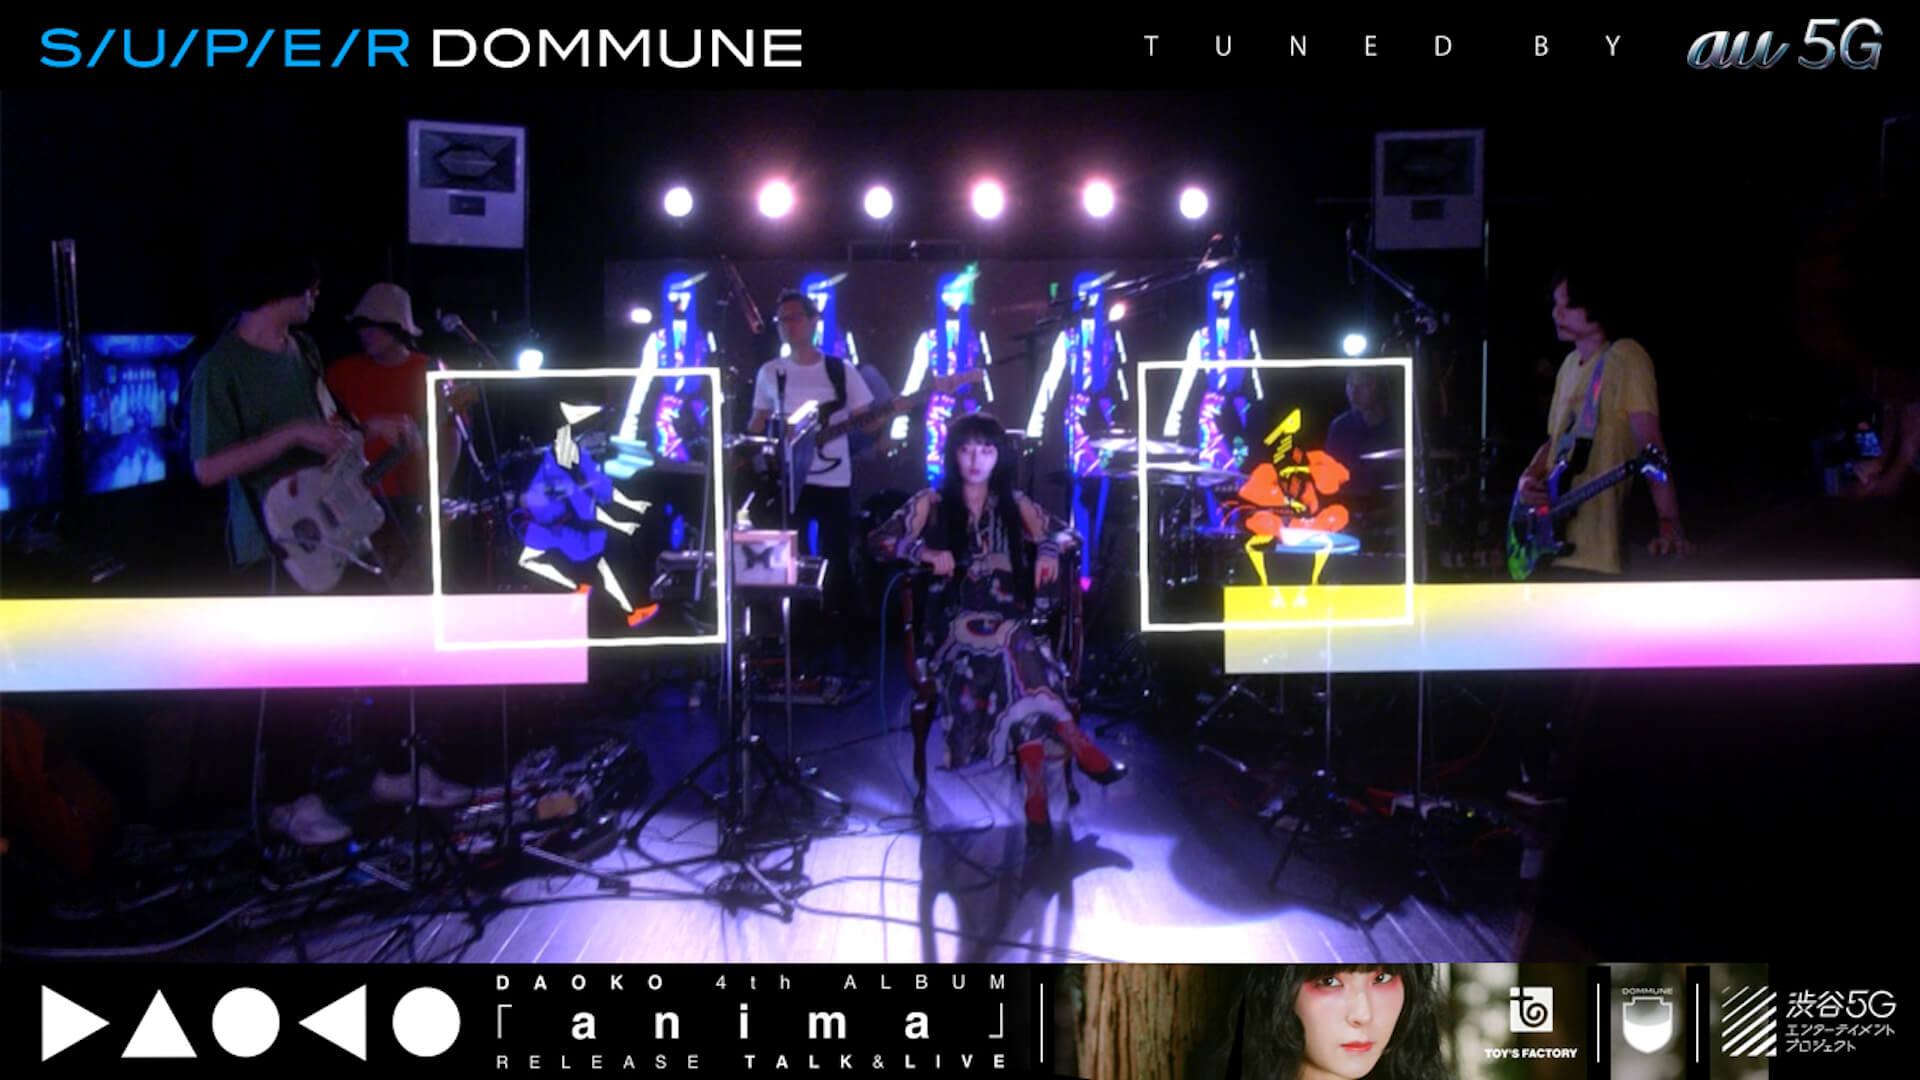 """DAOKO『anima』の世界観をテクノロジーで拡張!SUPER DOMMUNEでの最先端ARライブで見せた""""新しい生活様式""""への挑戦 music200626_super_dommune_11-1"""